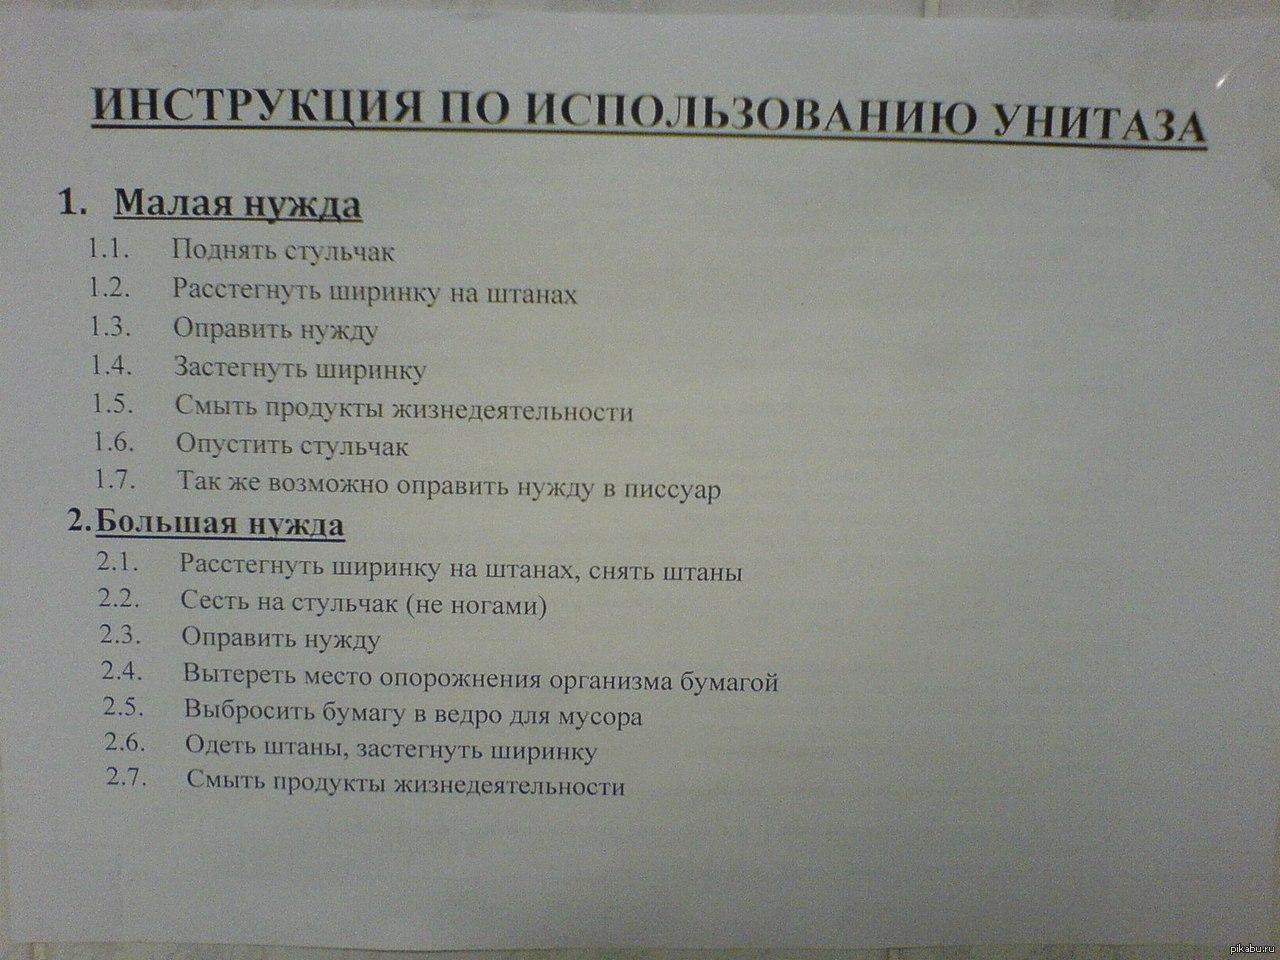 Инструкция по эксплуатации унитаза бытового одноместного